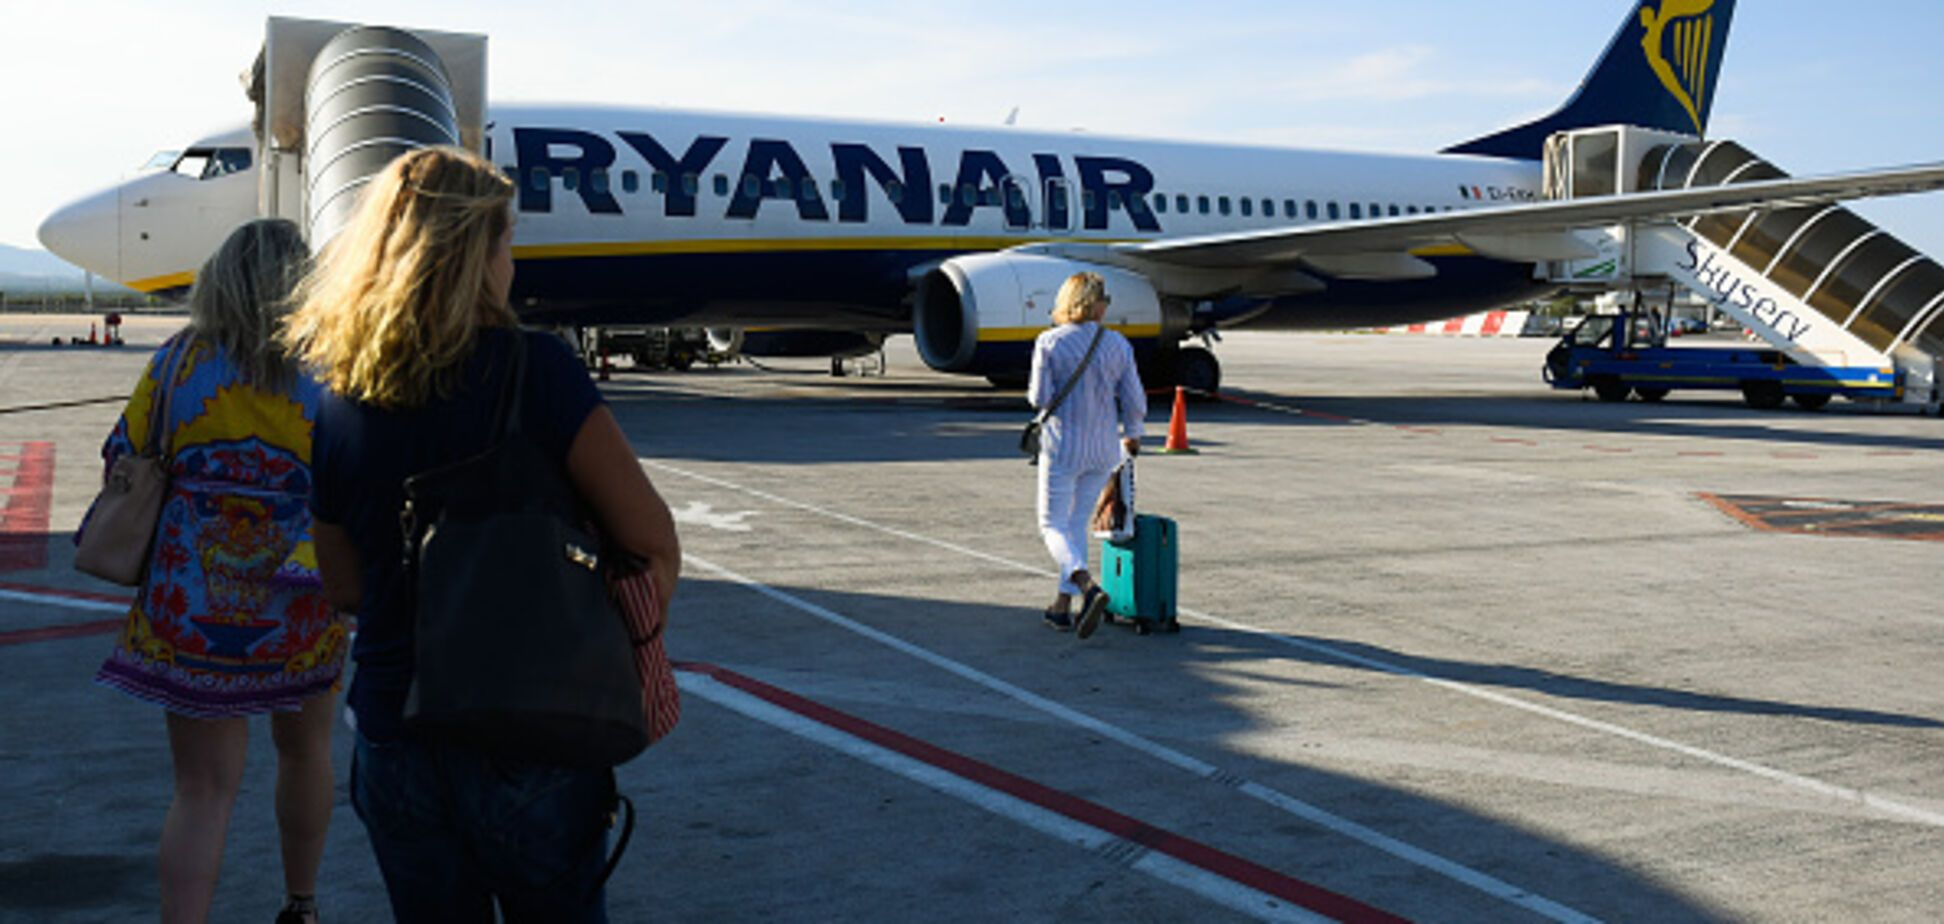 Як не вскочити в халепу з Ryanair і максимально заощадити